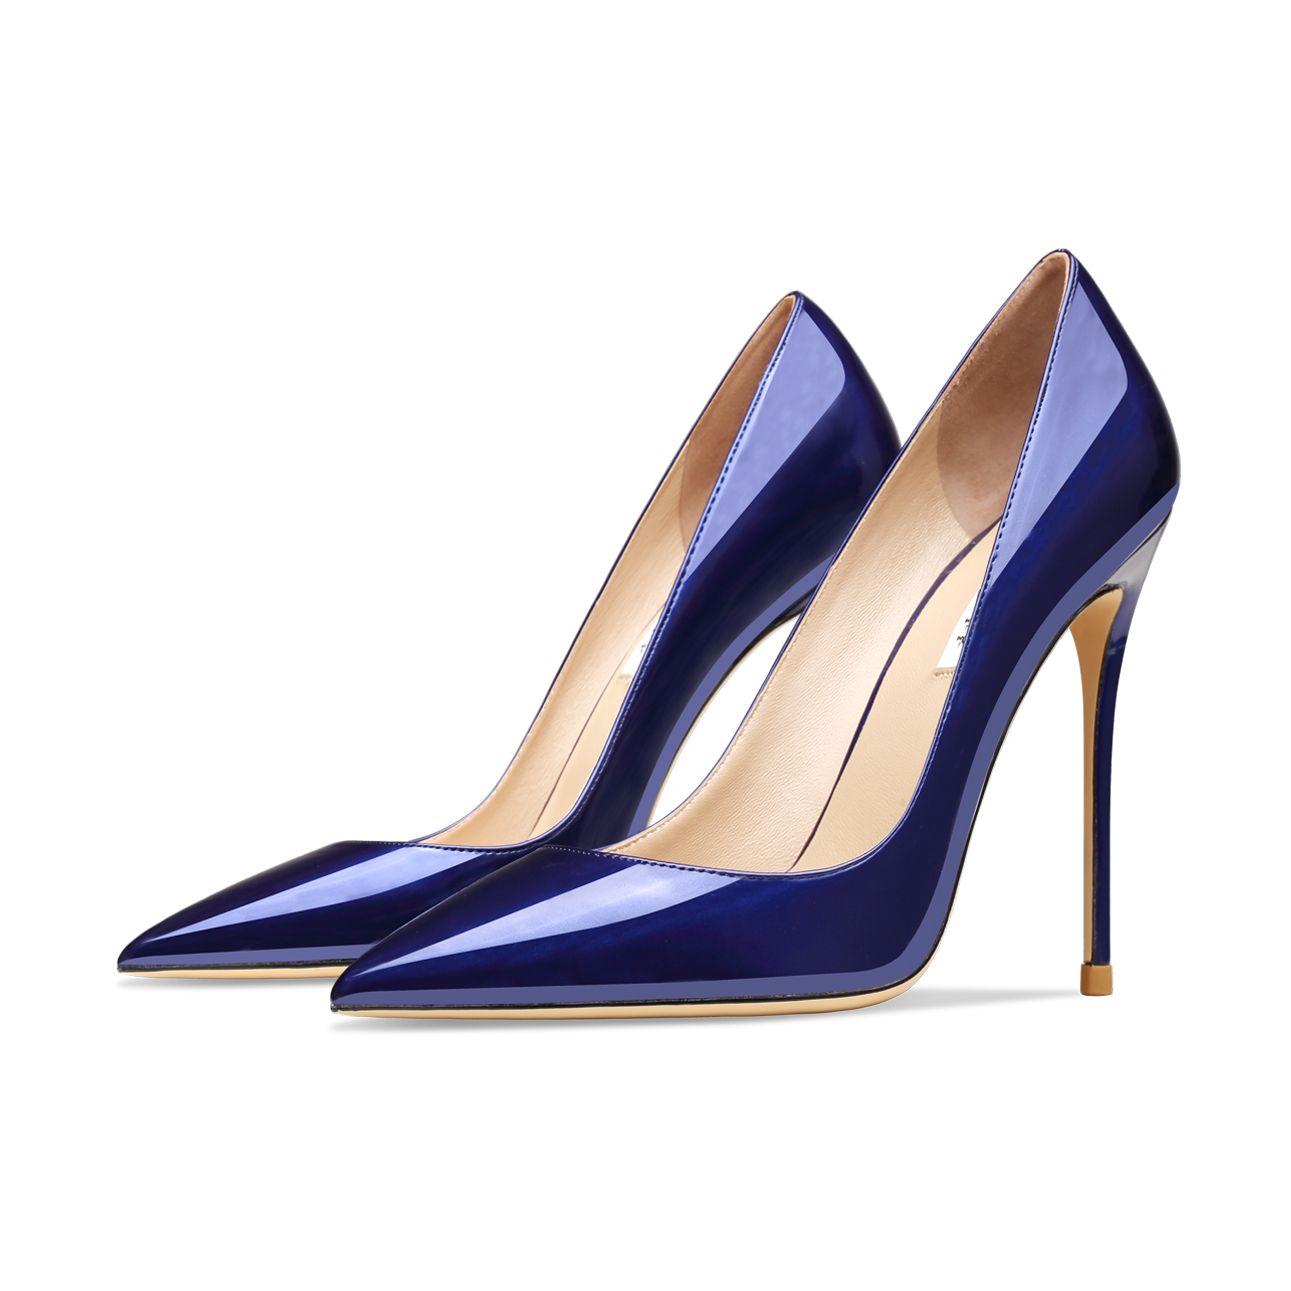 Туфли-лодочки женские из натуральной кожи, классические модные офисные туфли на шпильке, заостренный носок, пикантные вечерние туфли на выс...